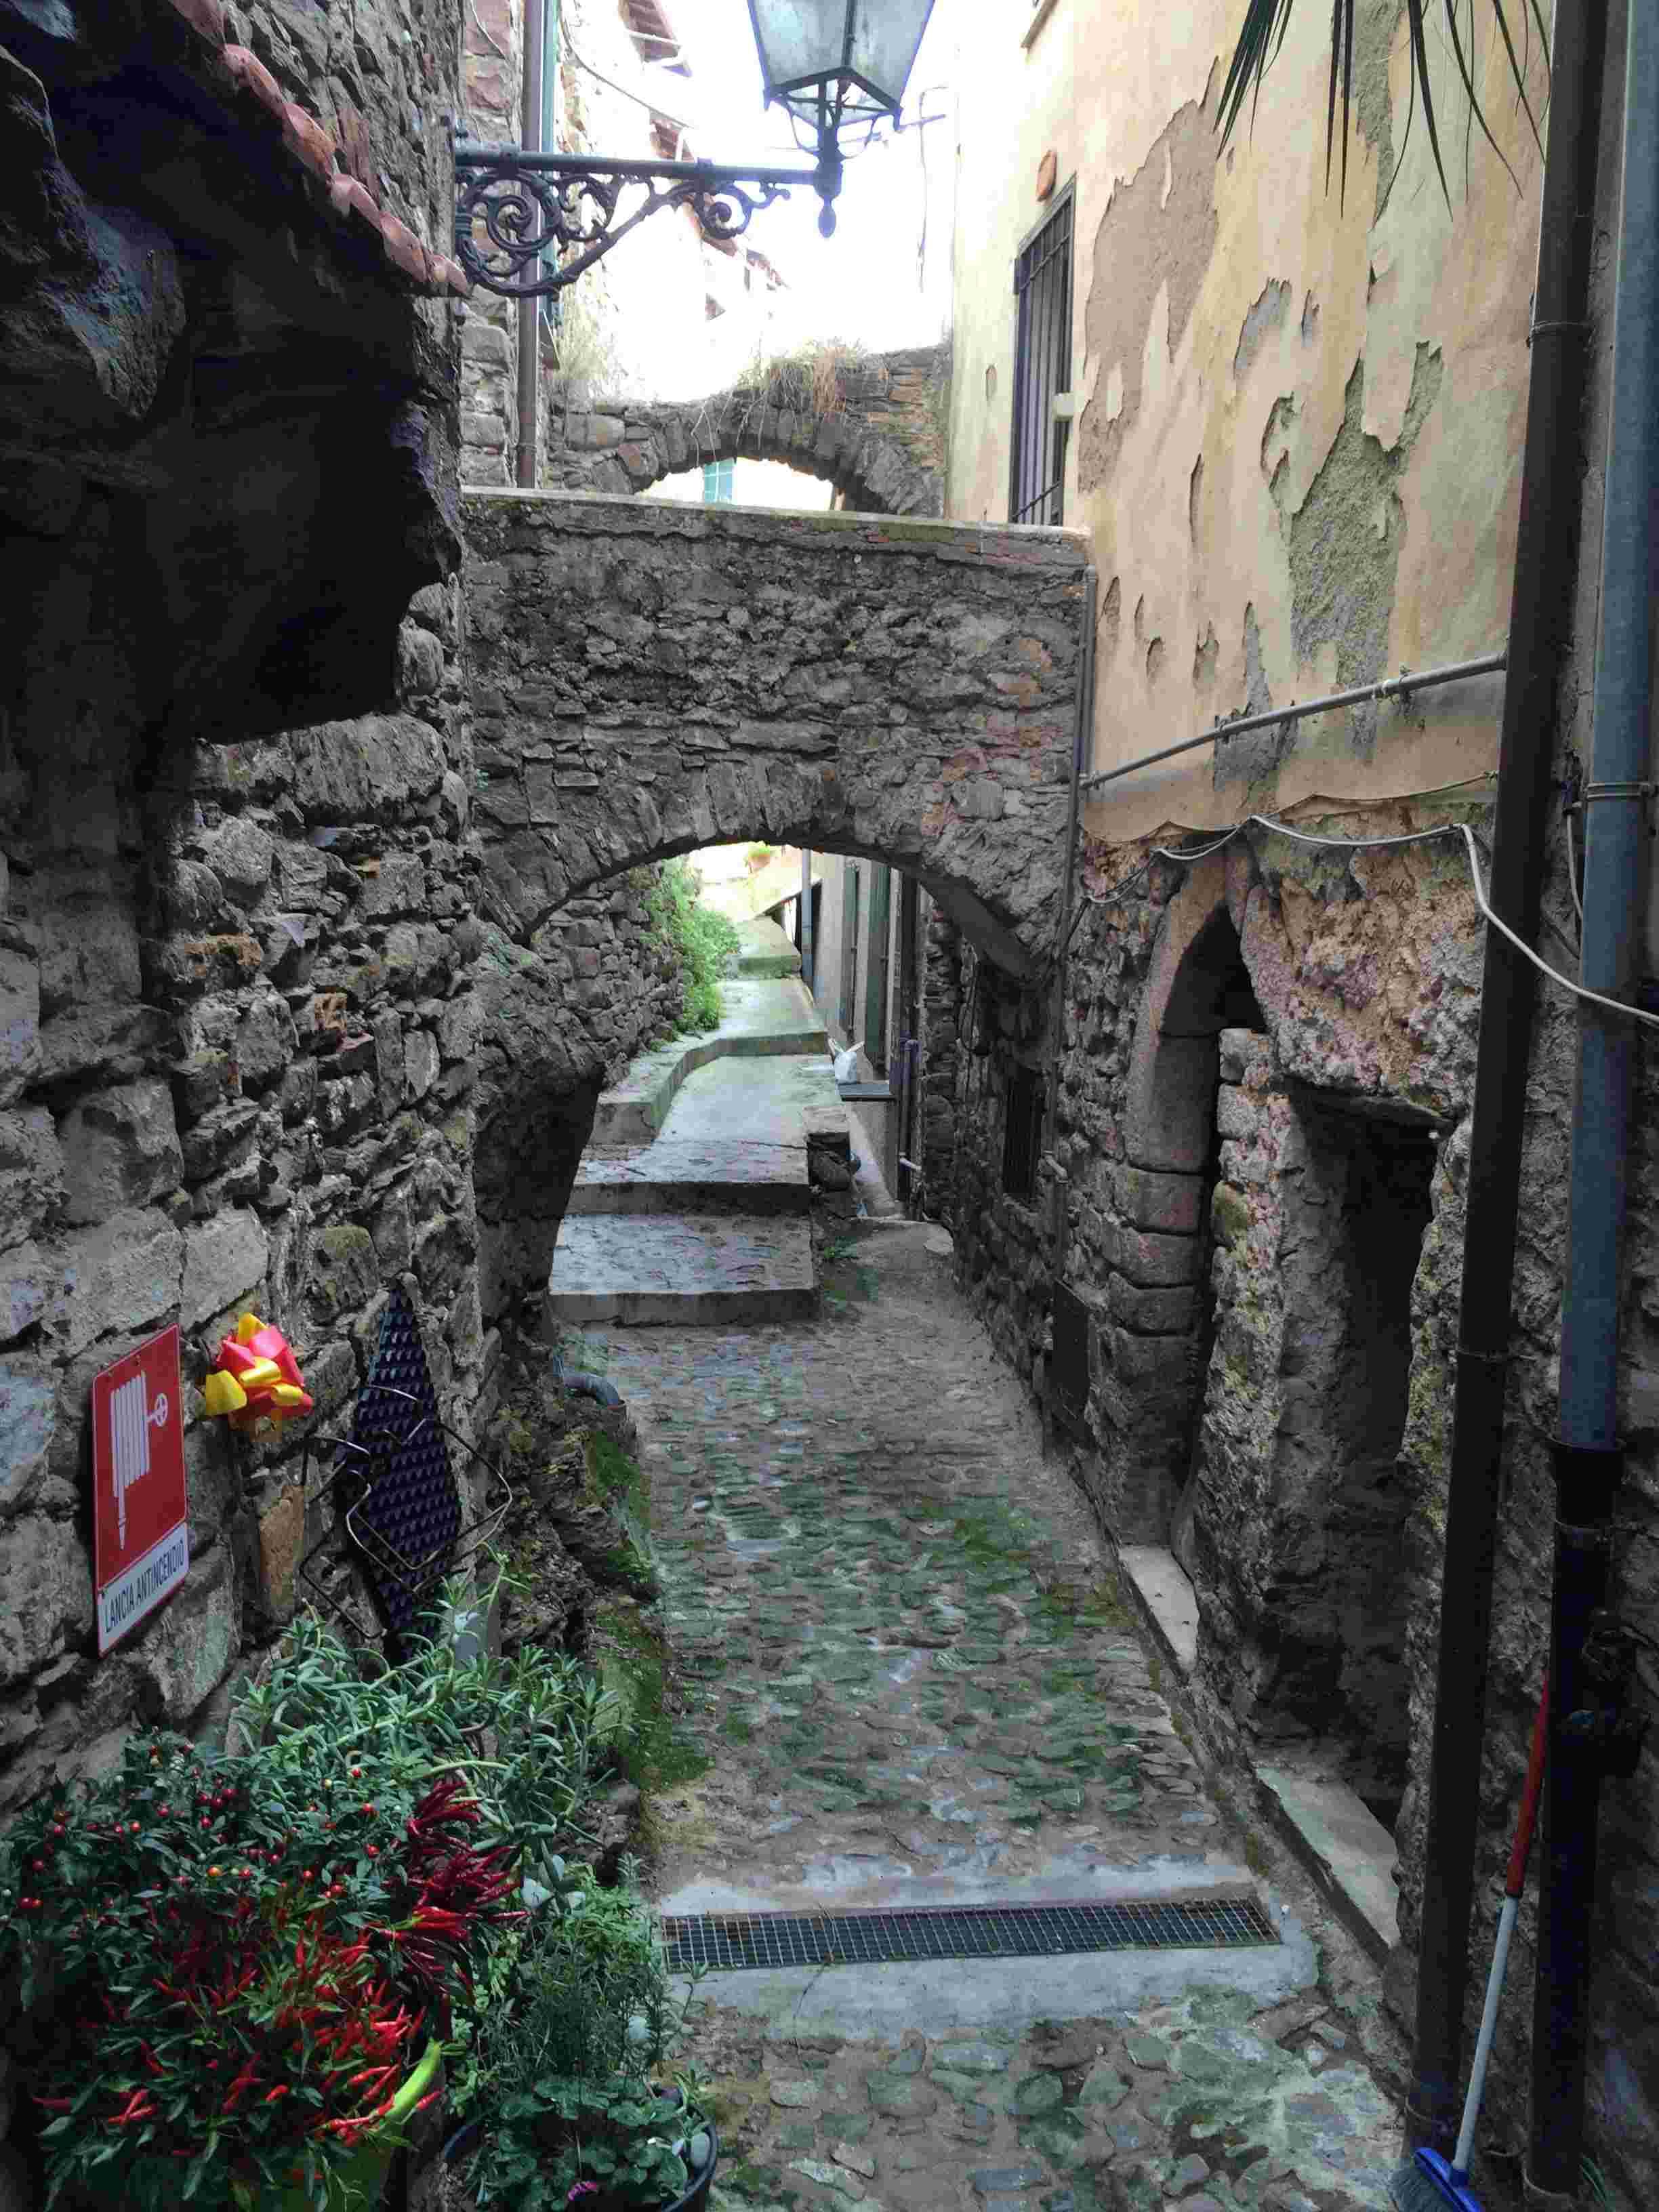 Apricale, le plus beau village d'Italie Aprica42